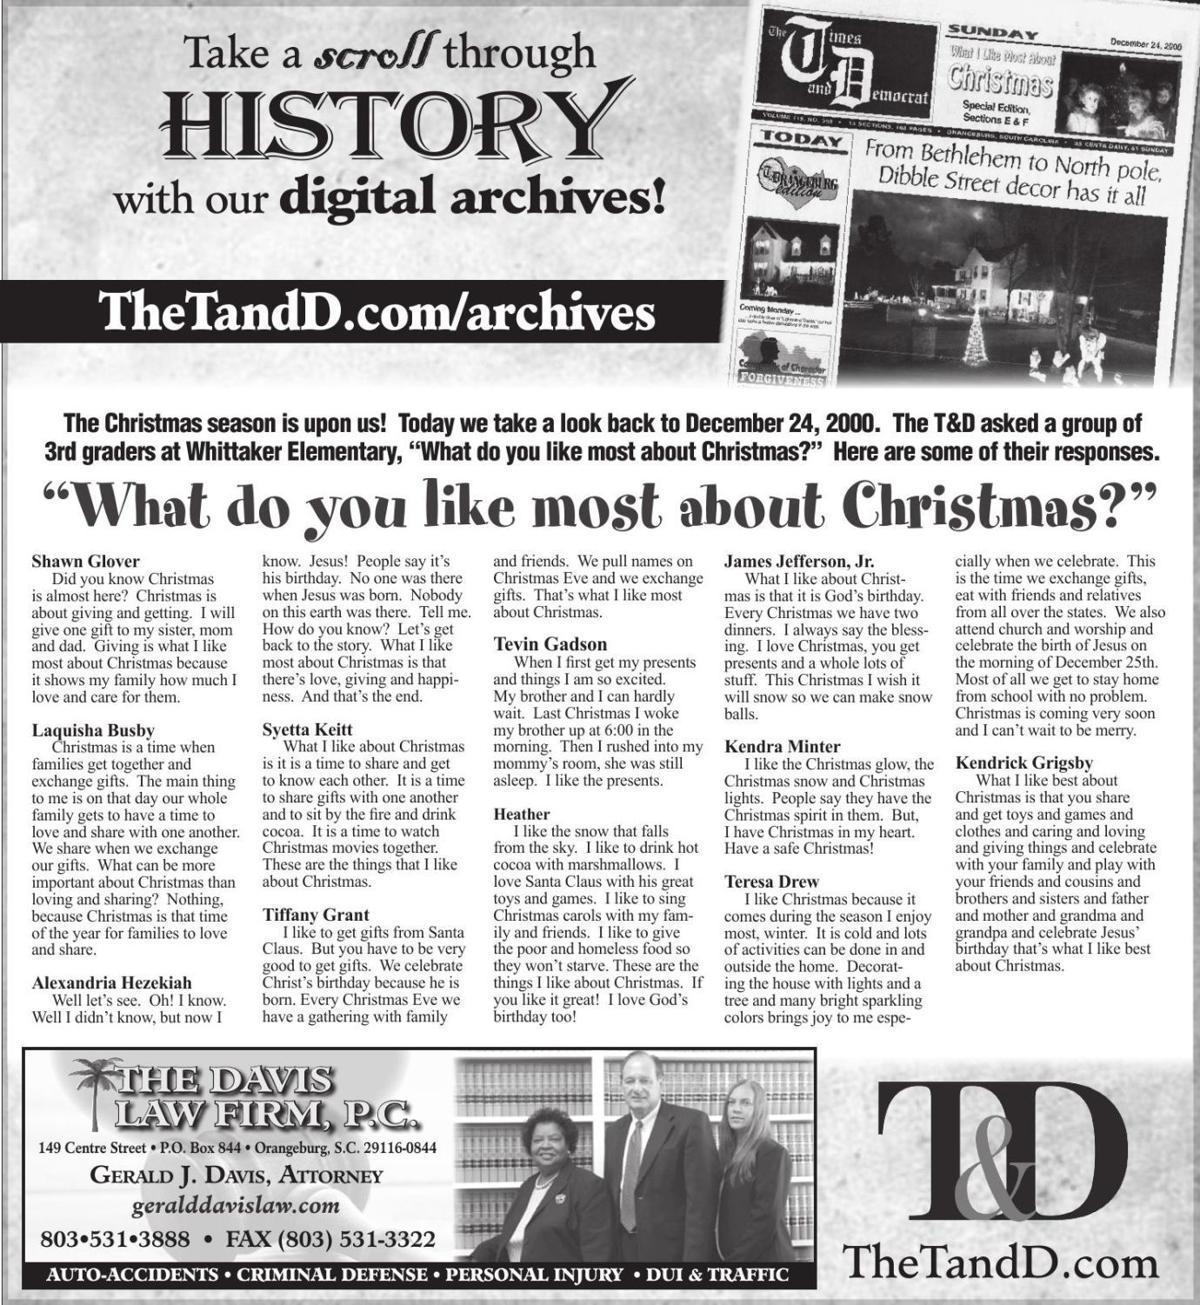 TheTandD.com/archives Dec. 1, 2000